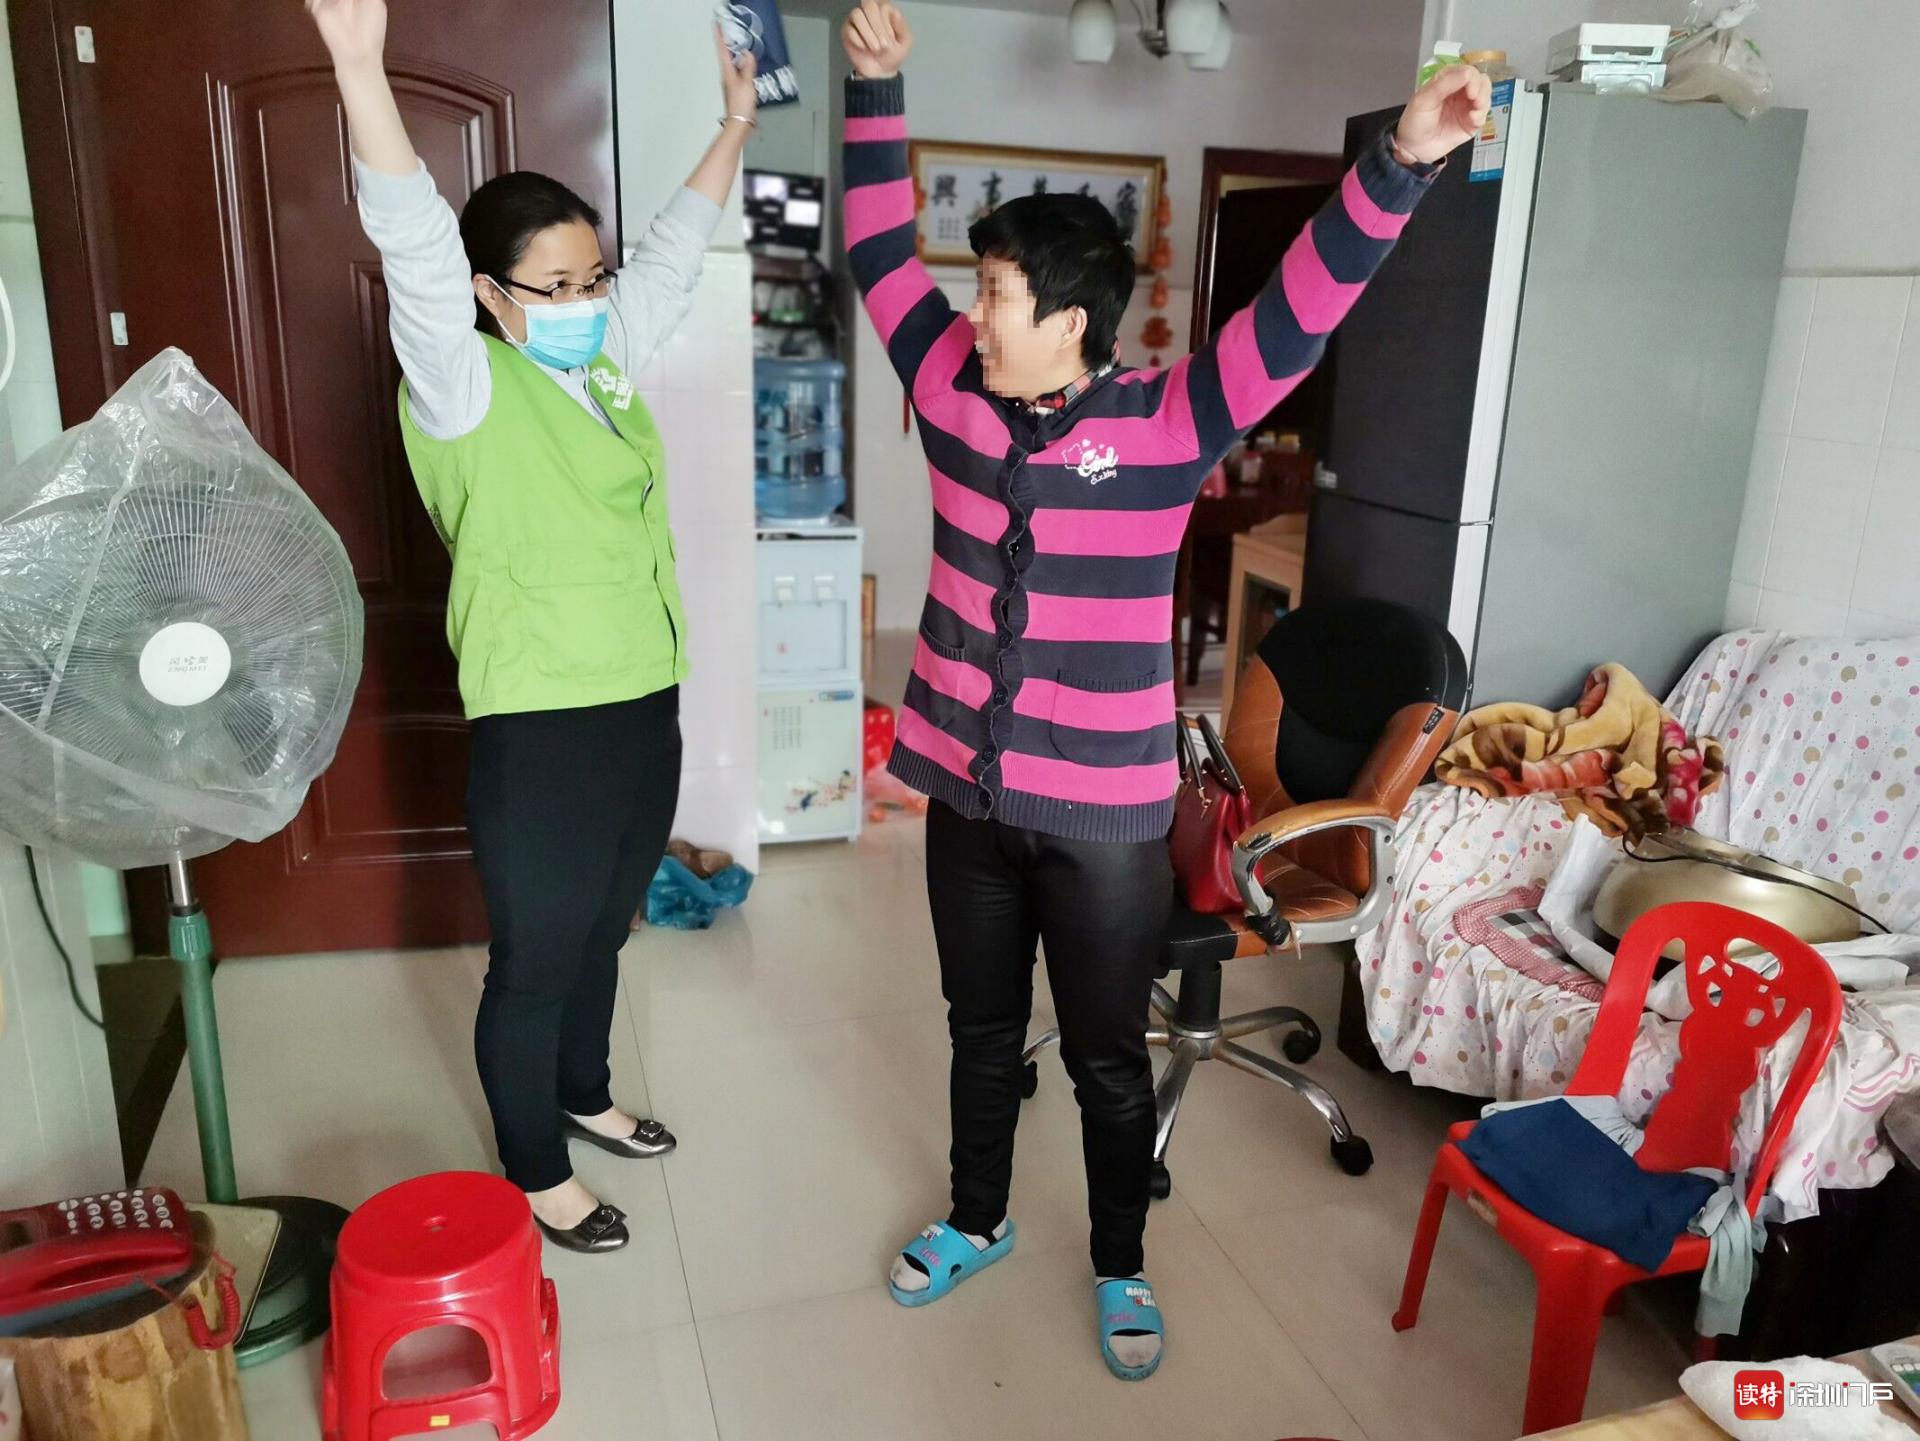 在助残路上,东莞社工赖丽鸿传递爱的力量和有温度服务